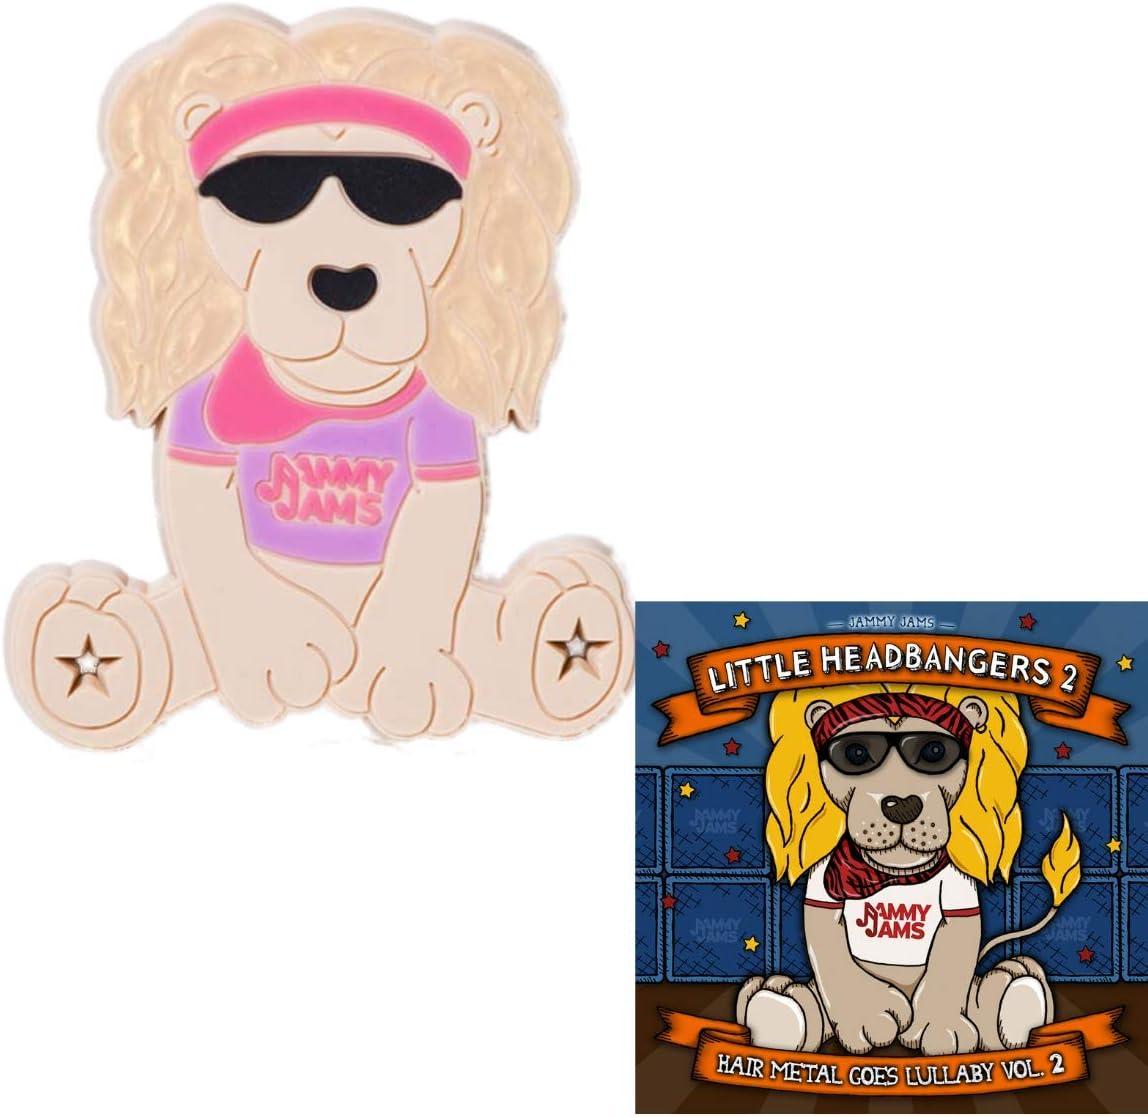 Jammy Jams Lobie The Lion Teething Toy /& Little Headbangers Lullabies Purple /& Pink Teether /& Little Headbangers 2: Hair Metal Goes Lullaby, Vol. 2  - Digital Download